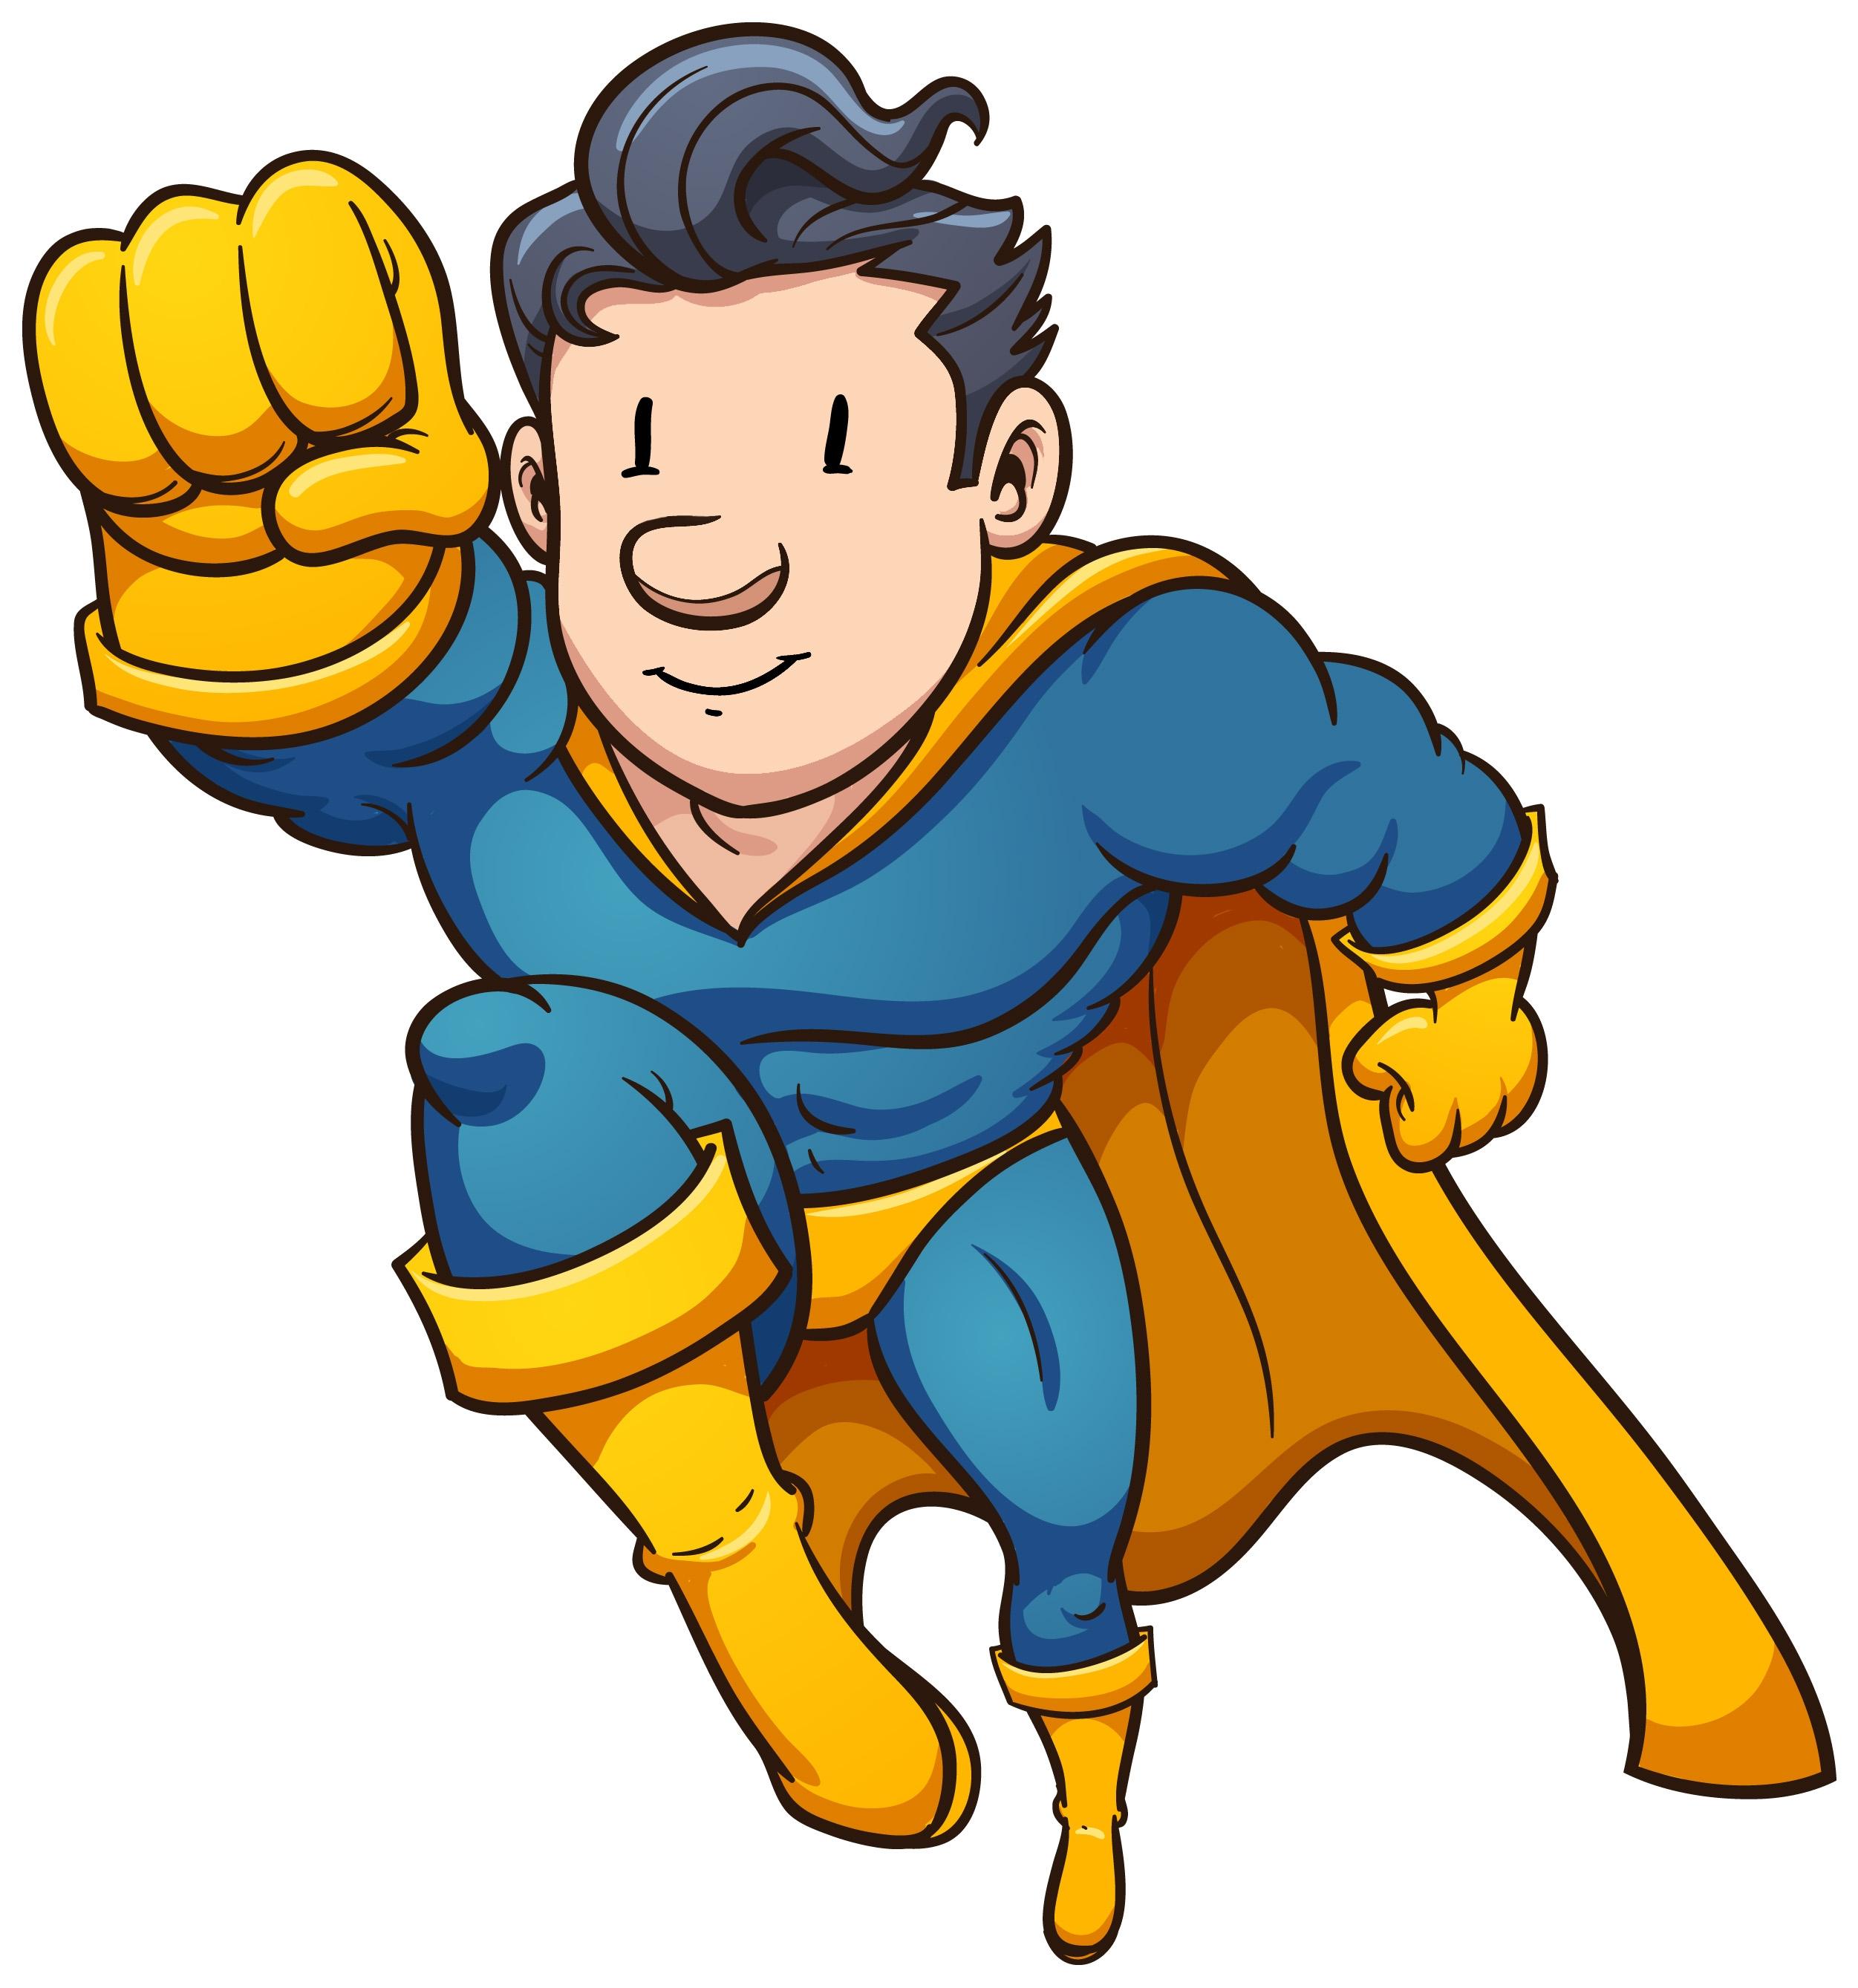 Superhero clipart #4, Download drawings